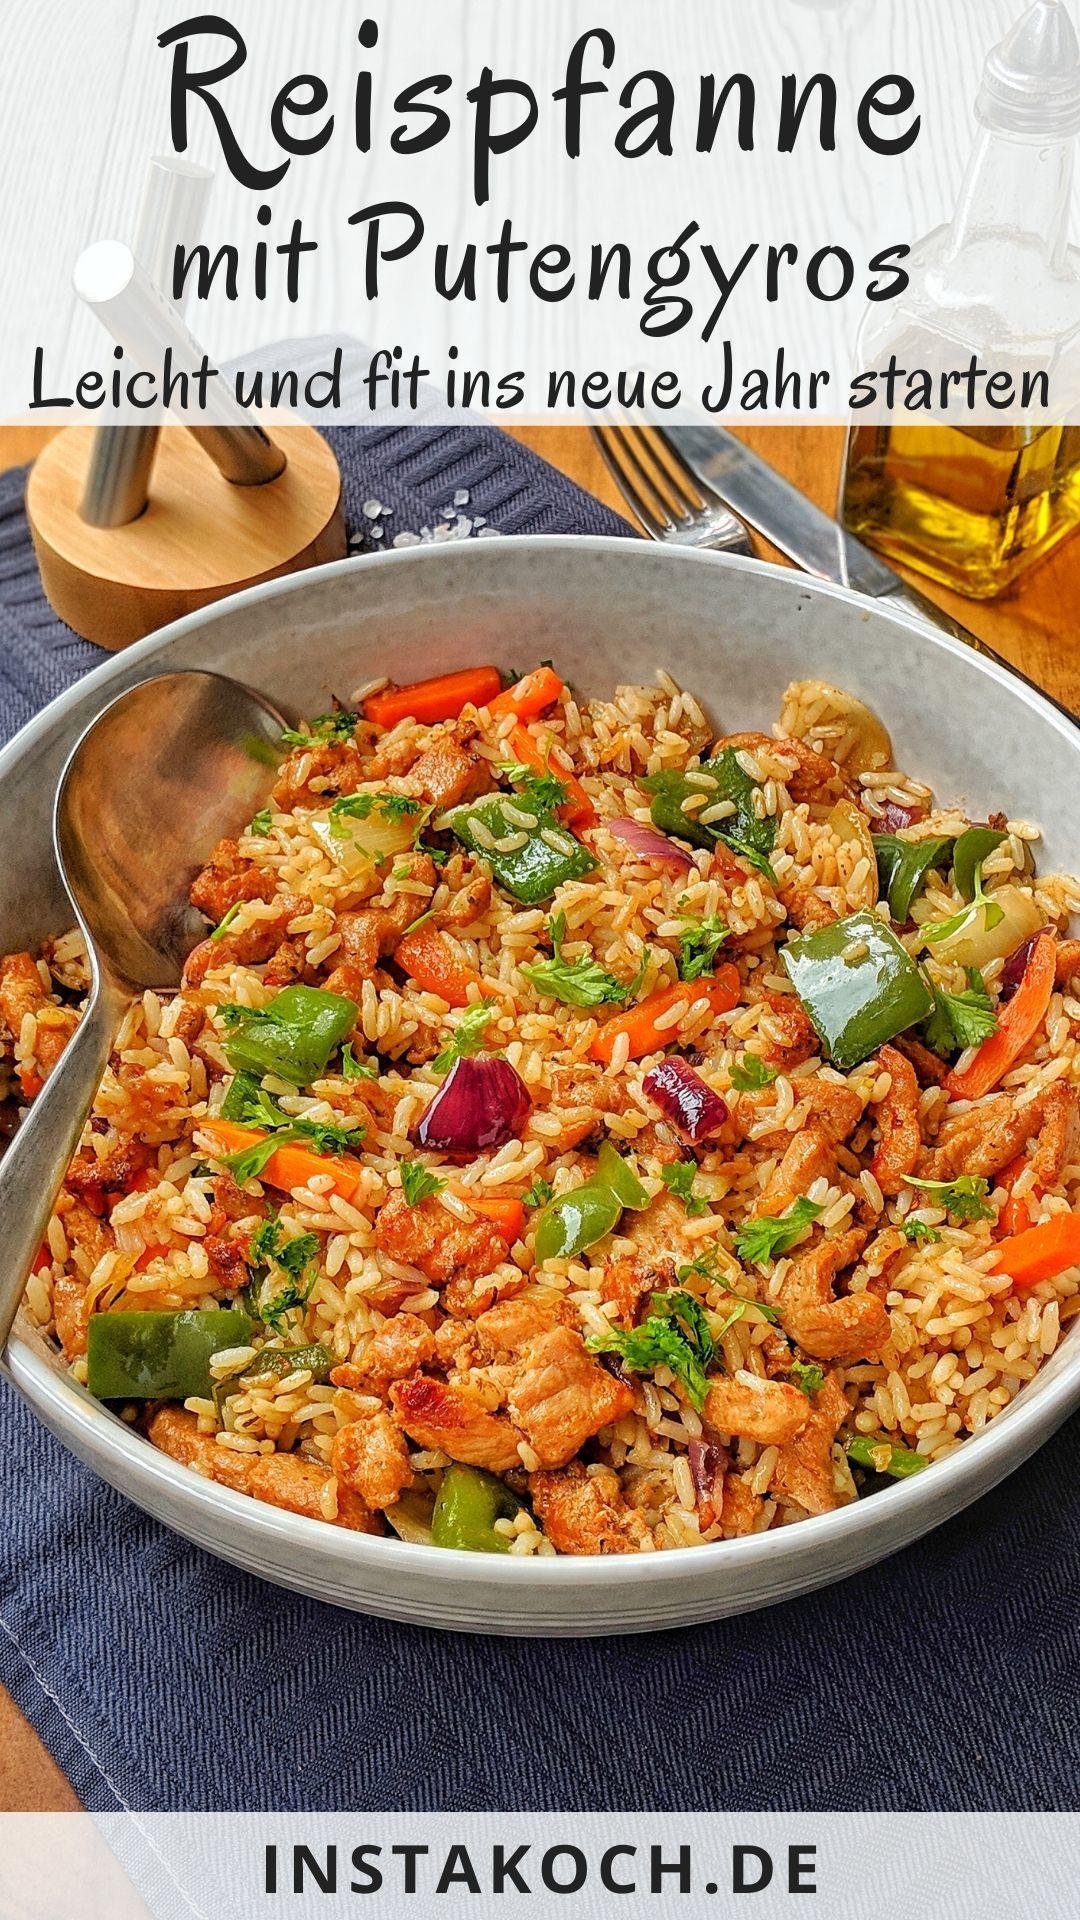 Reispfanne mit Putengyros - Schnell einfach lecker und kalorienarm